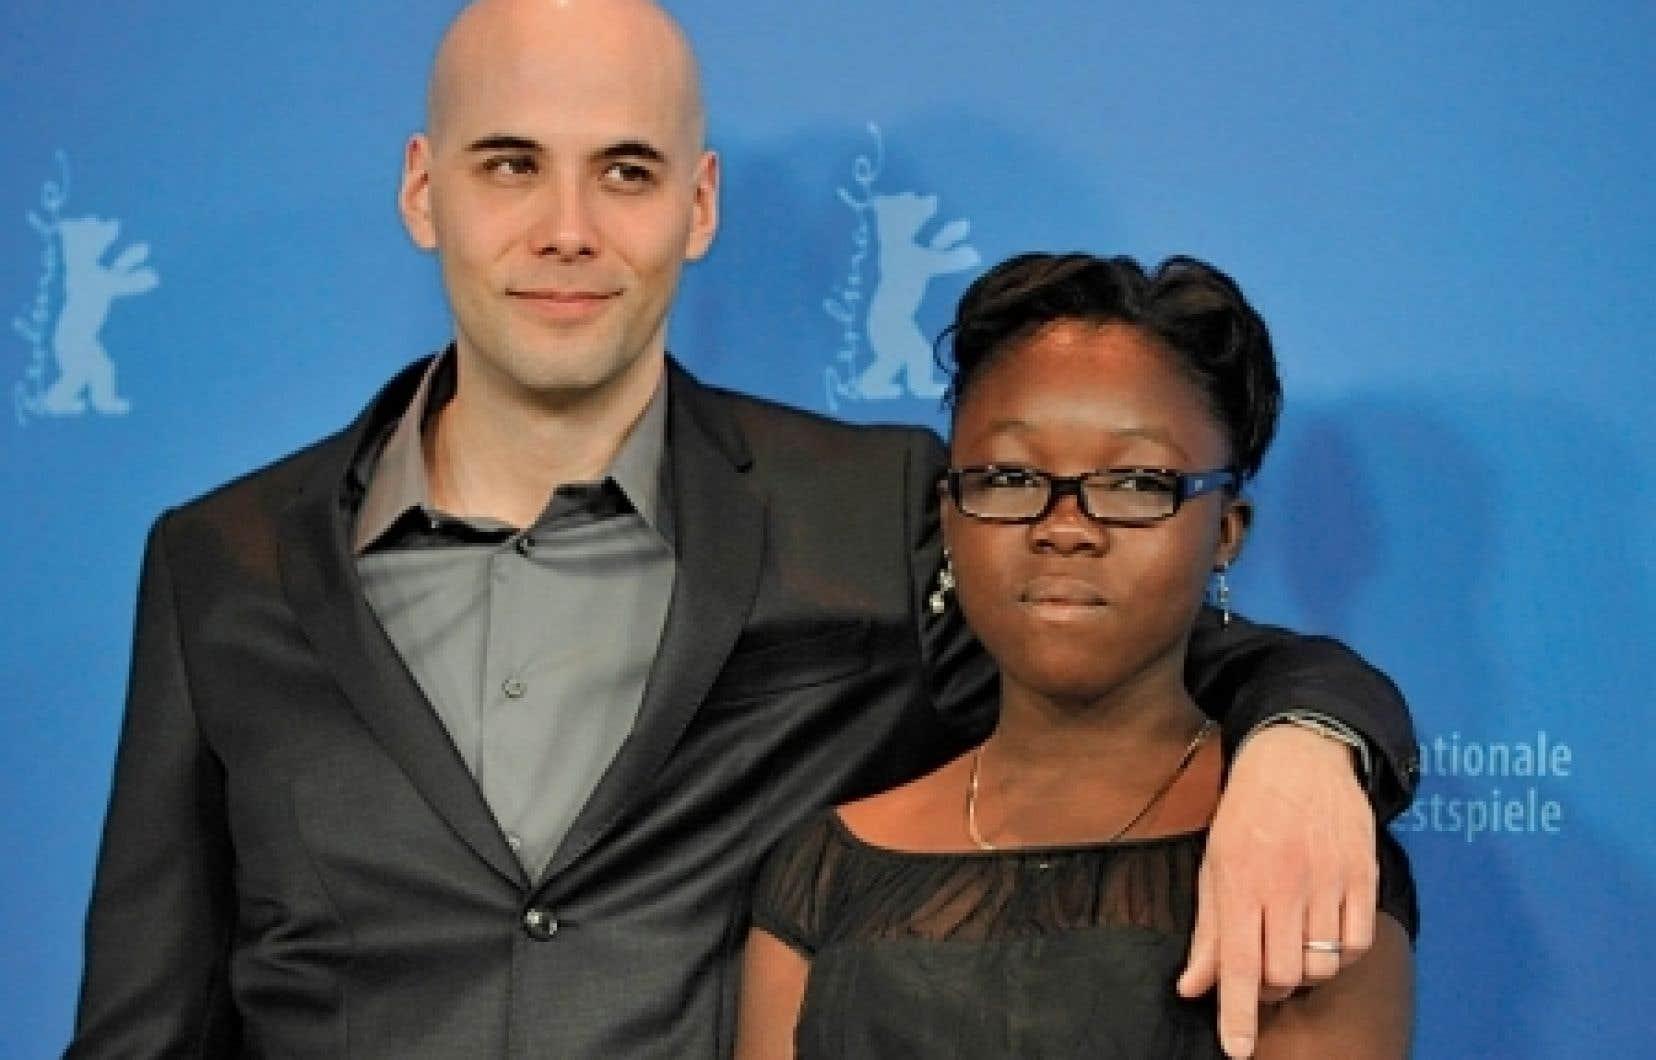 Le cinéaste Kim Nguyen et la vedette du film Rebelle, Rachel Mwanza, qui a reçu des applaudissements chaleureux de la foule.